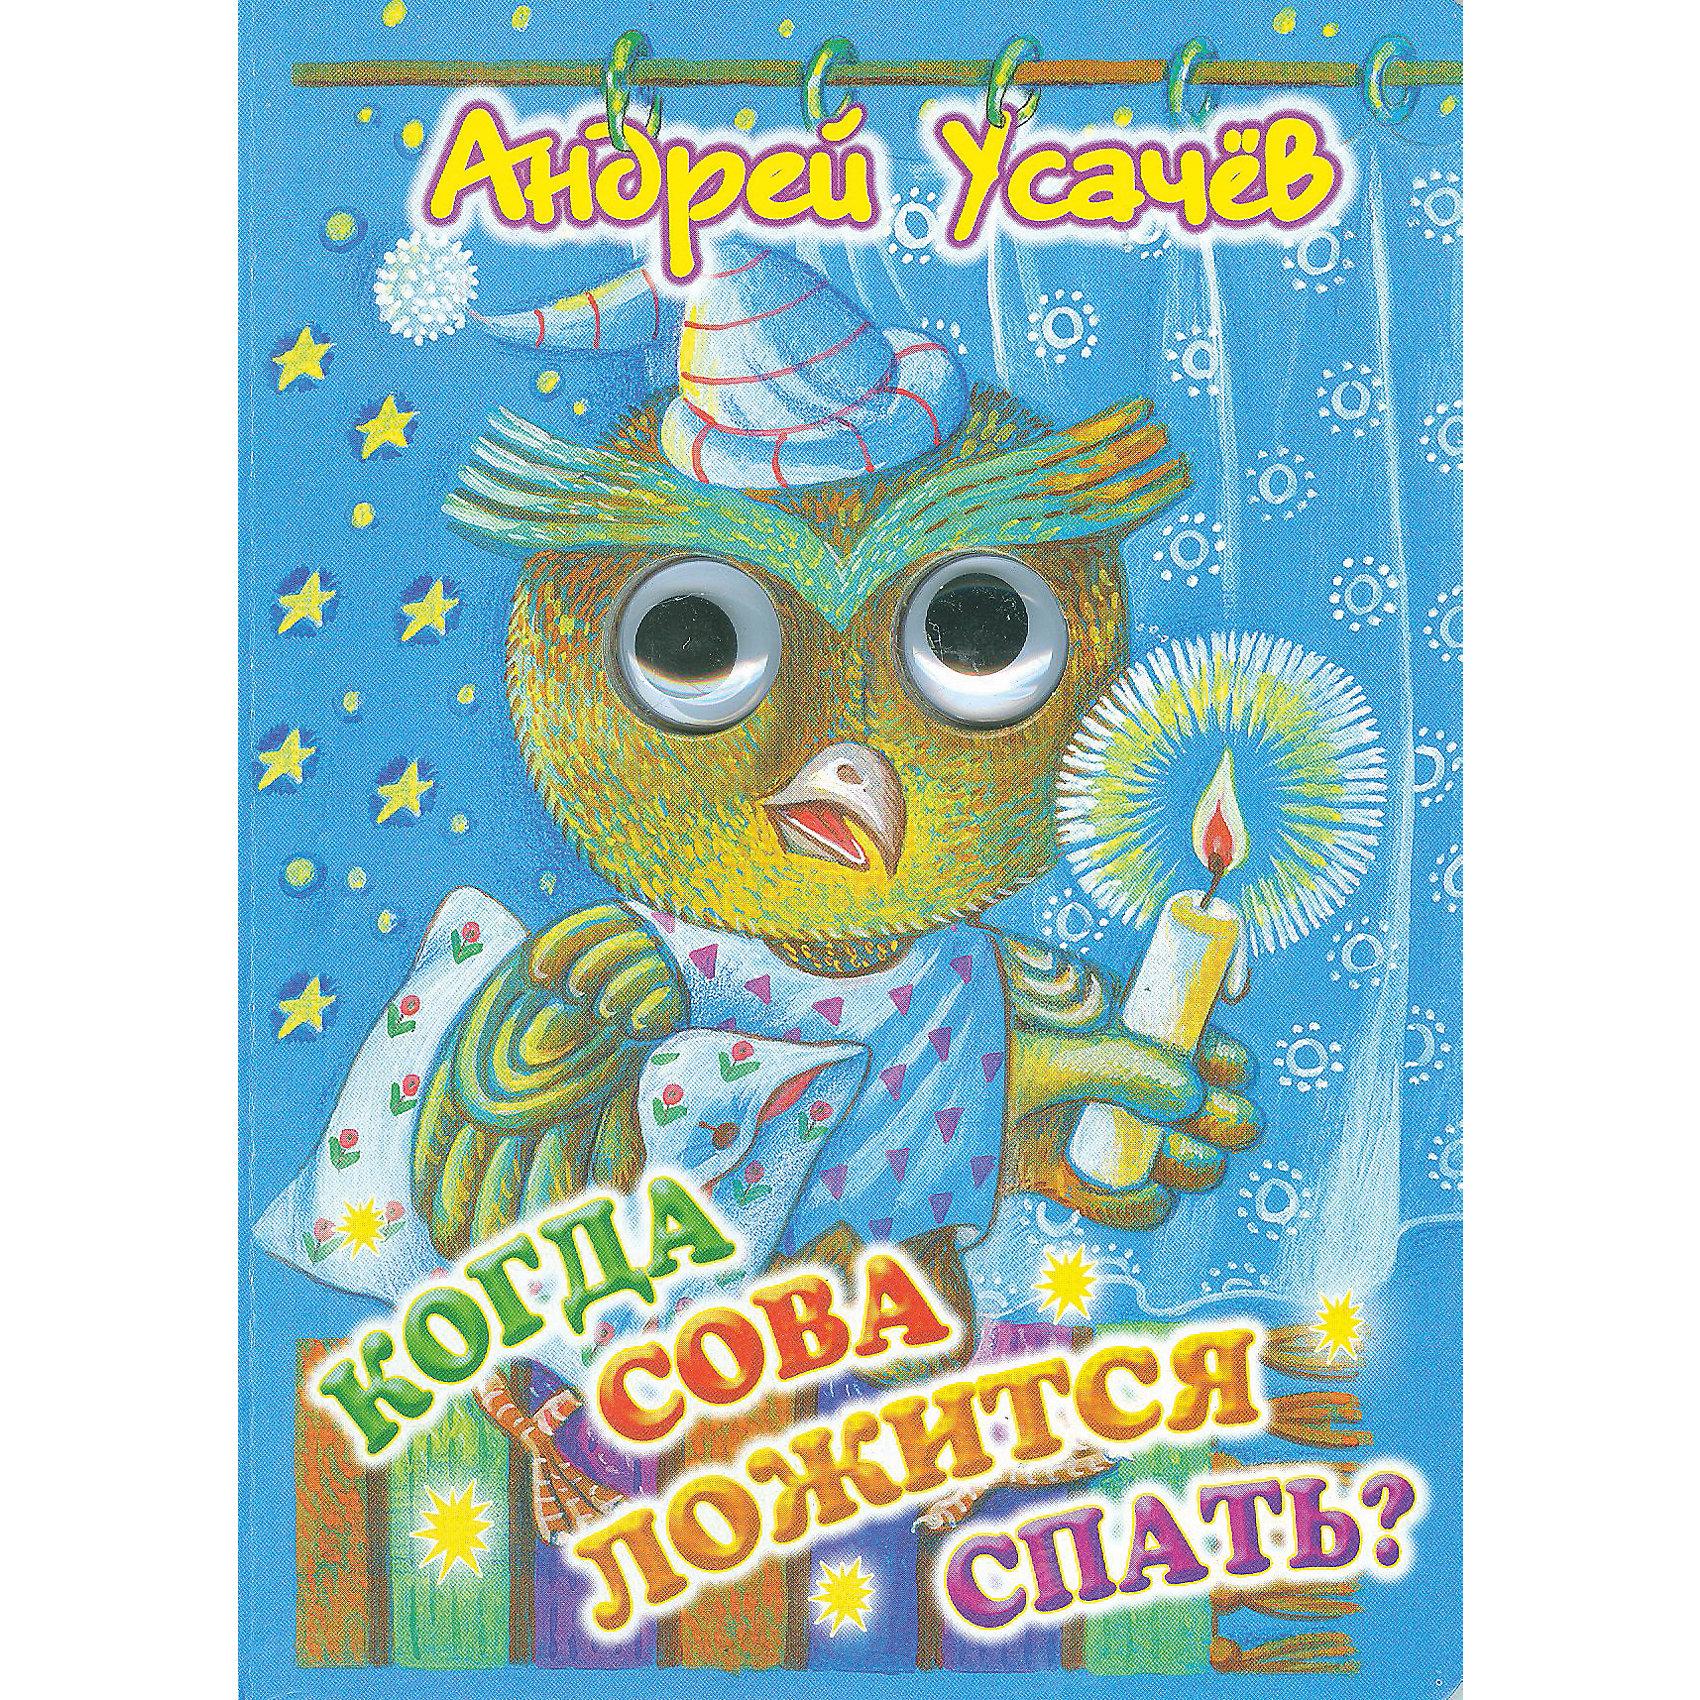 Когда сова ложится спать?В красочно иллюстрированную книгу вошли занятные стихи для маленьких детей про самую загадочную лесную птицу - сову. Необычное оформление книги и яркие иллюстрации вносят обязательно заинтересуют даже самых юных читателей. <br><br>Дополнительная информация:<br><br>- Формат: 21,7x16 см.<br>- Переплет: картон. <br>- Количество страниц: 12<br>- Иллюстрации: цветные. <br><br>Книгу Когда сова ложится спать? можно купить в нашем магазине.<br><br>Внимание! В соответствии с Постановлением Правительства Российской Федерации от 19.01.1998 № 55, непродовольственные товары надлежащего качества нижеследующих категорий не подлежат возврату и обмену: непериодические издания (книги, брошюры, альбомы, картографические и нотные издания, листовые изоиздания, календари, буклеты, открытки, издания, воспроизведенные на технических носителях информации).<br><br>Ширина мм: 218<br>Глубина мм: 160<br>Высота мм: 5<br>Вес г: 137<br>Возраст от месяцев: 0<br>Возраст до месяцев: 36<br>Пол: Унисекс<br>Возраст: Детский<br>SKU: 4760101